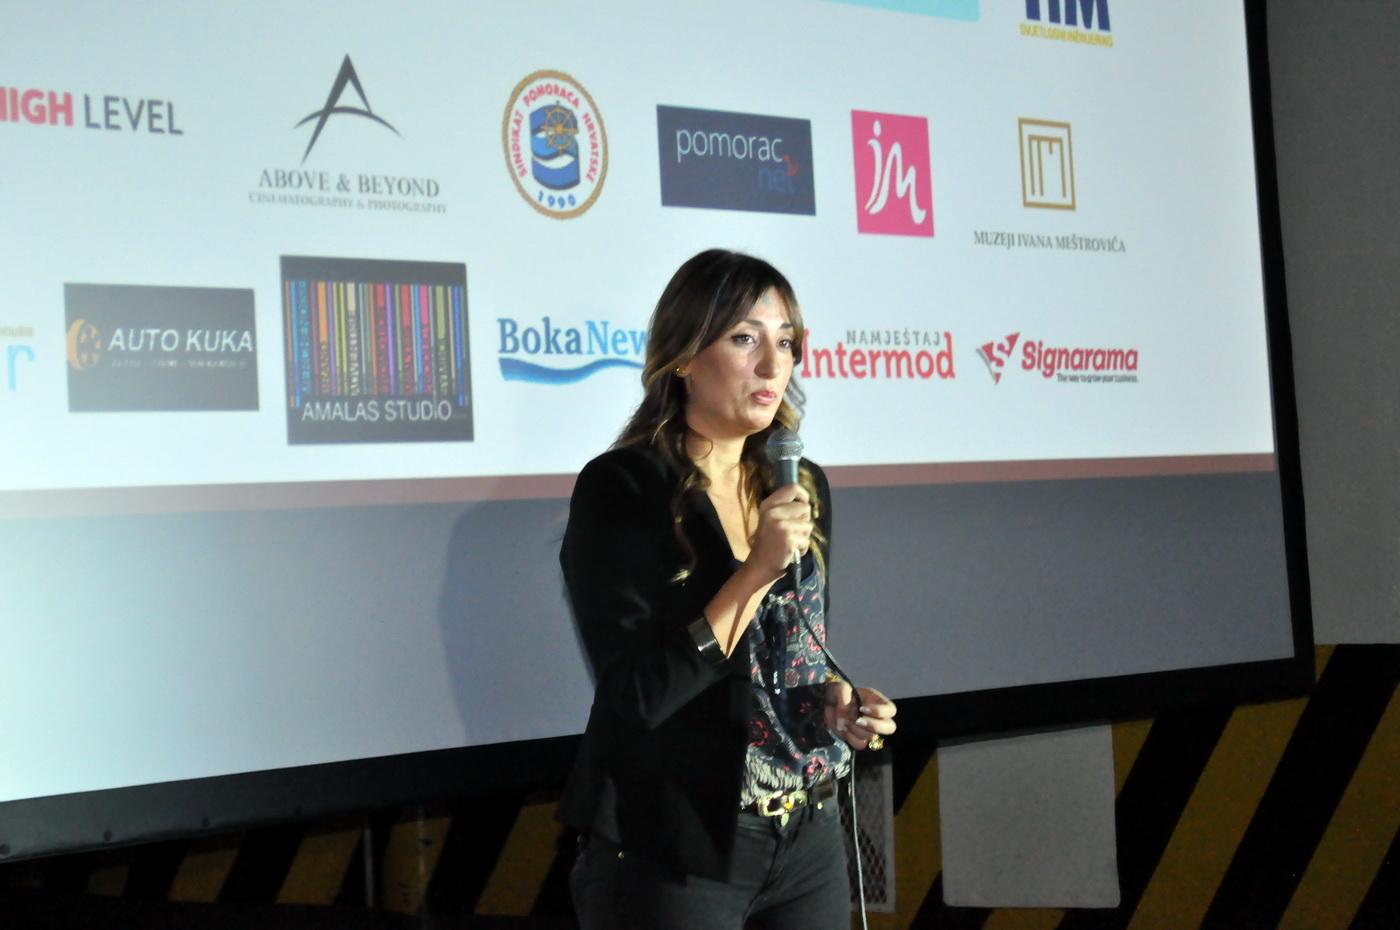 Modri kavez -premijera filma